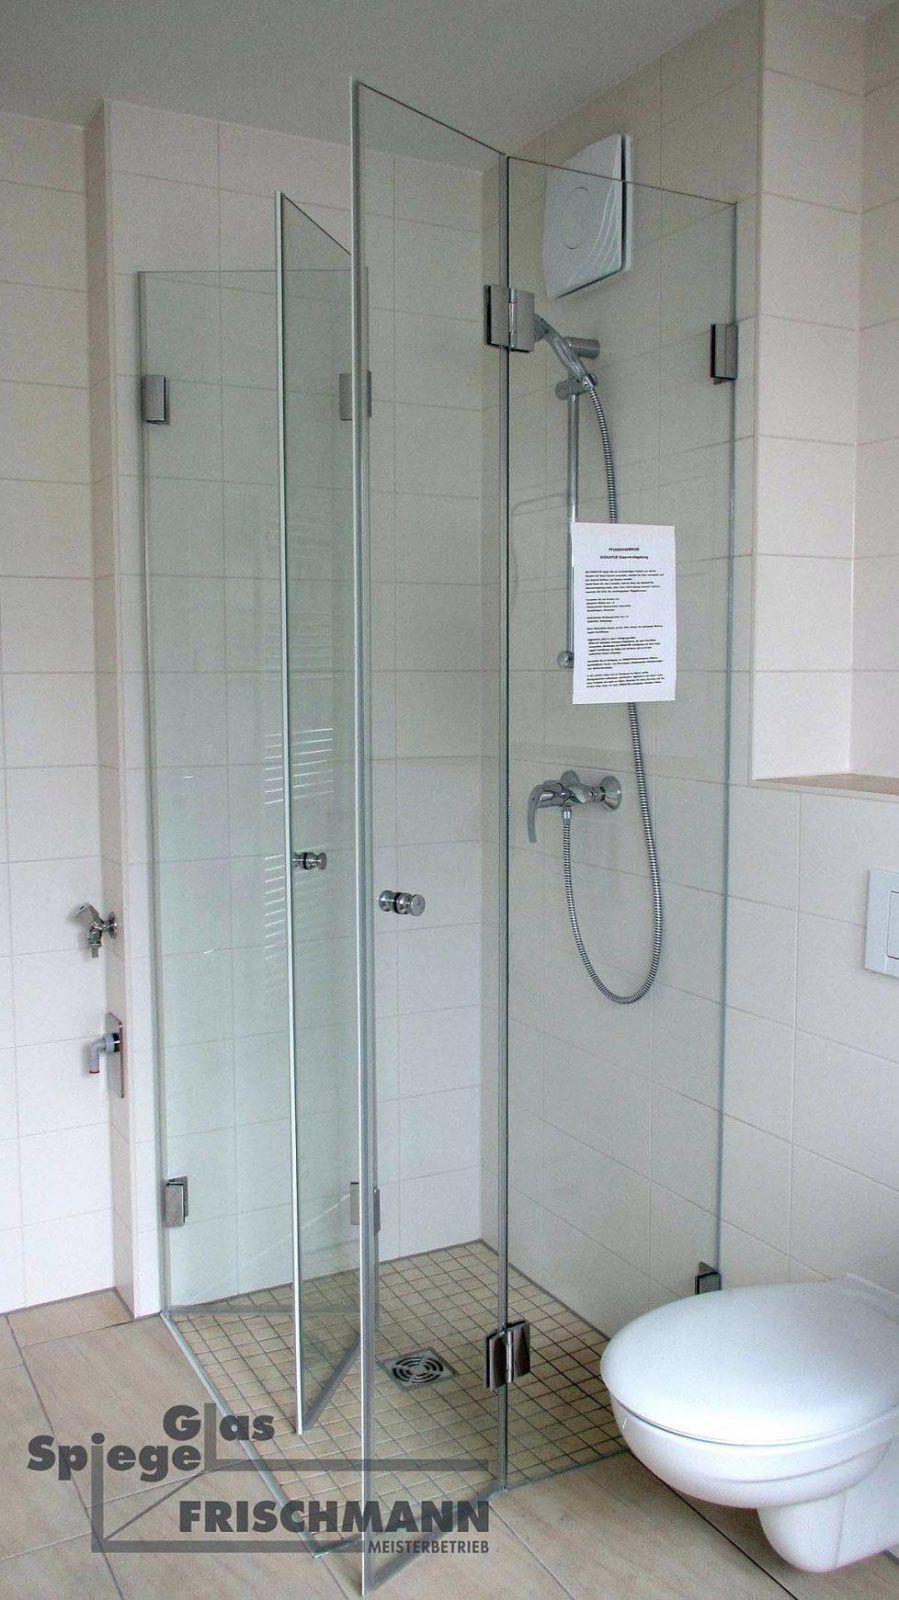 Dusche Wandverkleidung Ohne Fugen Haus Design Ideen Dusche Ohne Wandverkleidung Fliesen Fugen Wand Lichtpaneel Beleuchtung Von Dusche In 2020 Glas Bathtub Bathroom